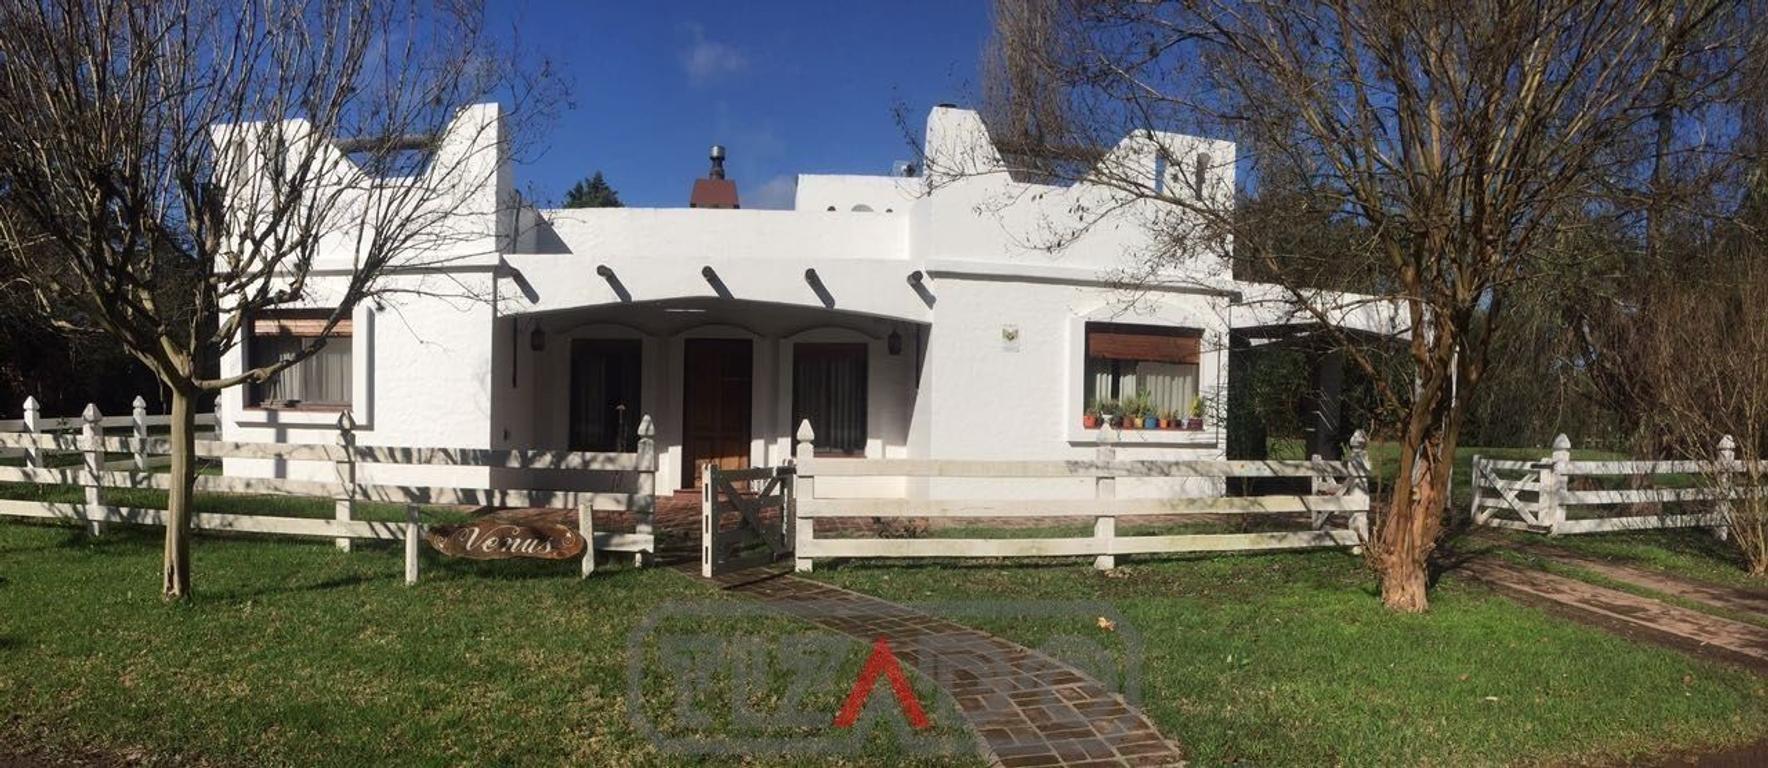 Casa Quinta  en Venta ubicado en Villa Rosa, Pilar y Alrededores - PIL3811_LP168051_1